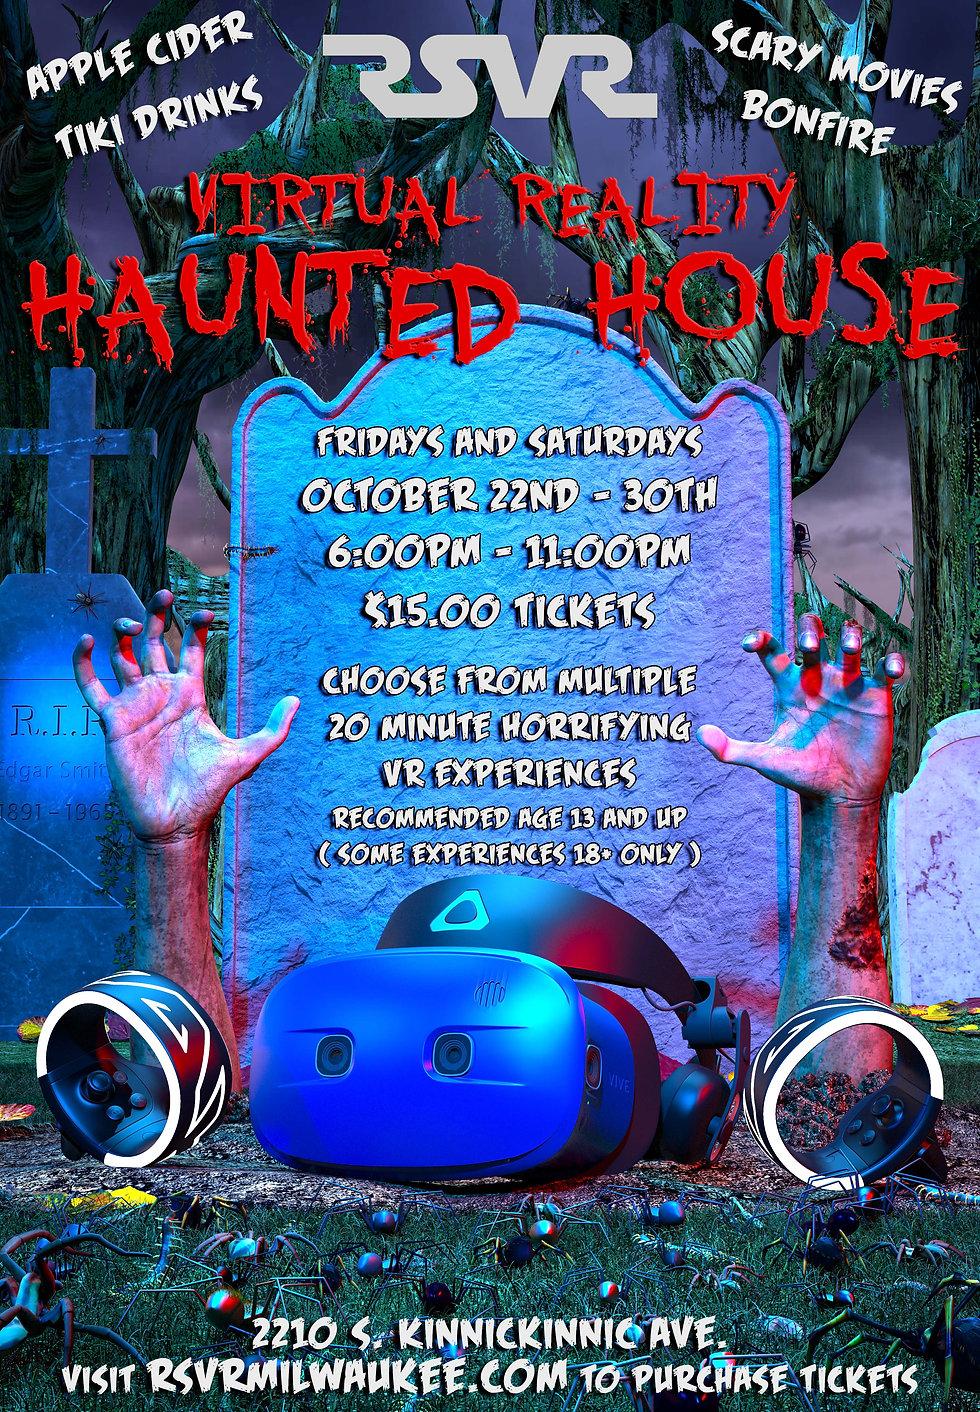 RSVR_Halloween_Poster_Final.jpg